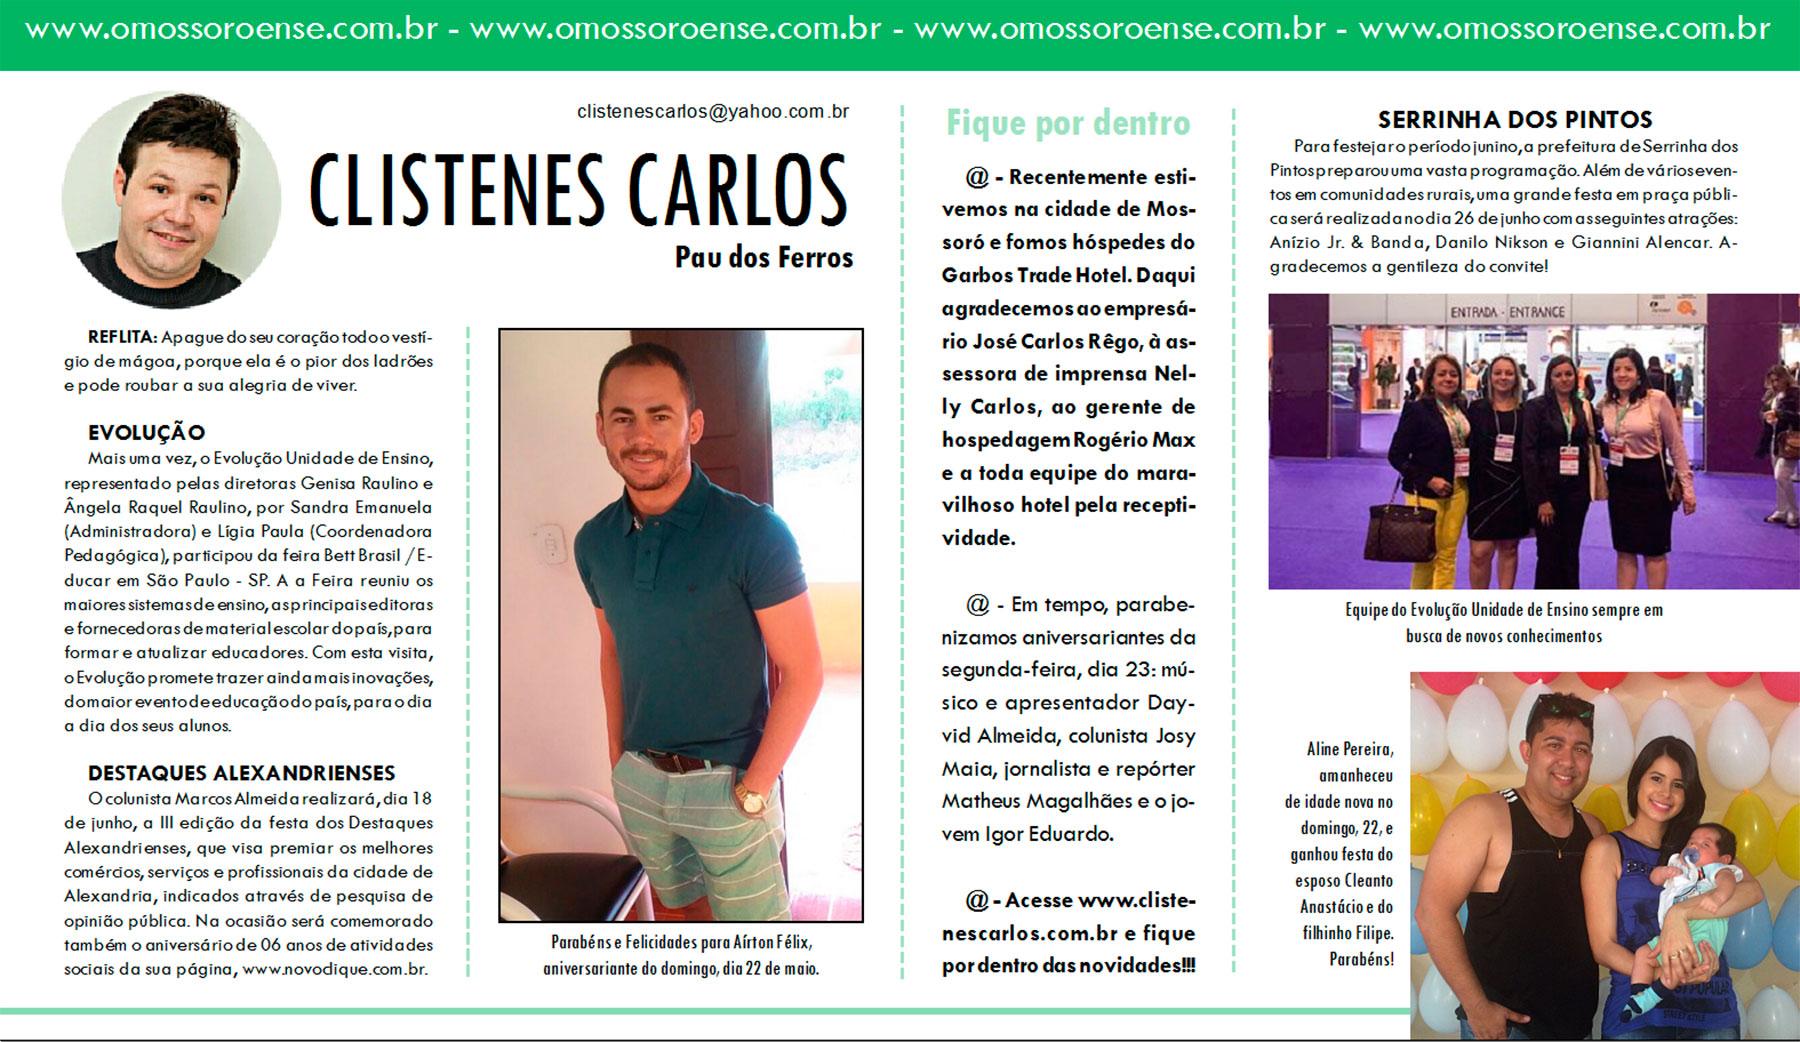 CLISTENES-CARLOS-25-05-2016